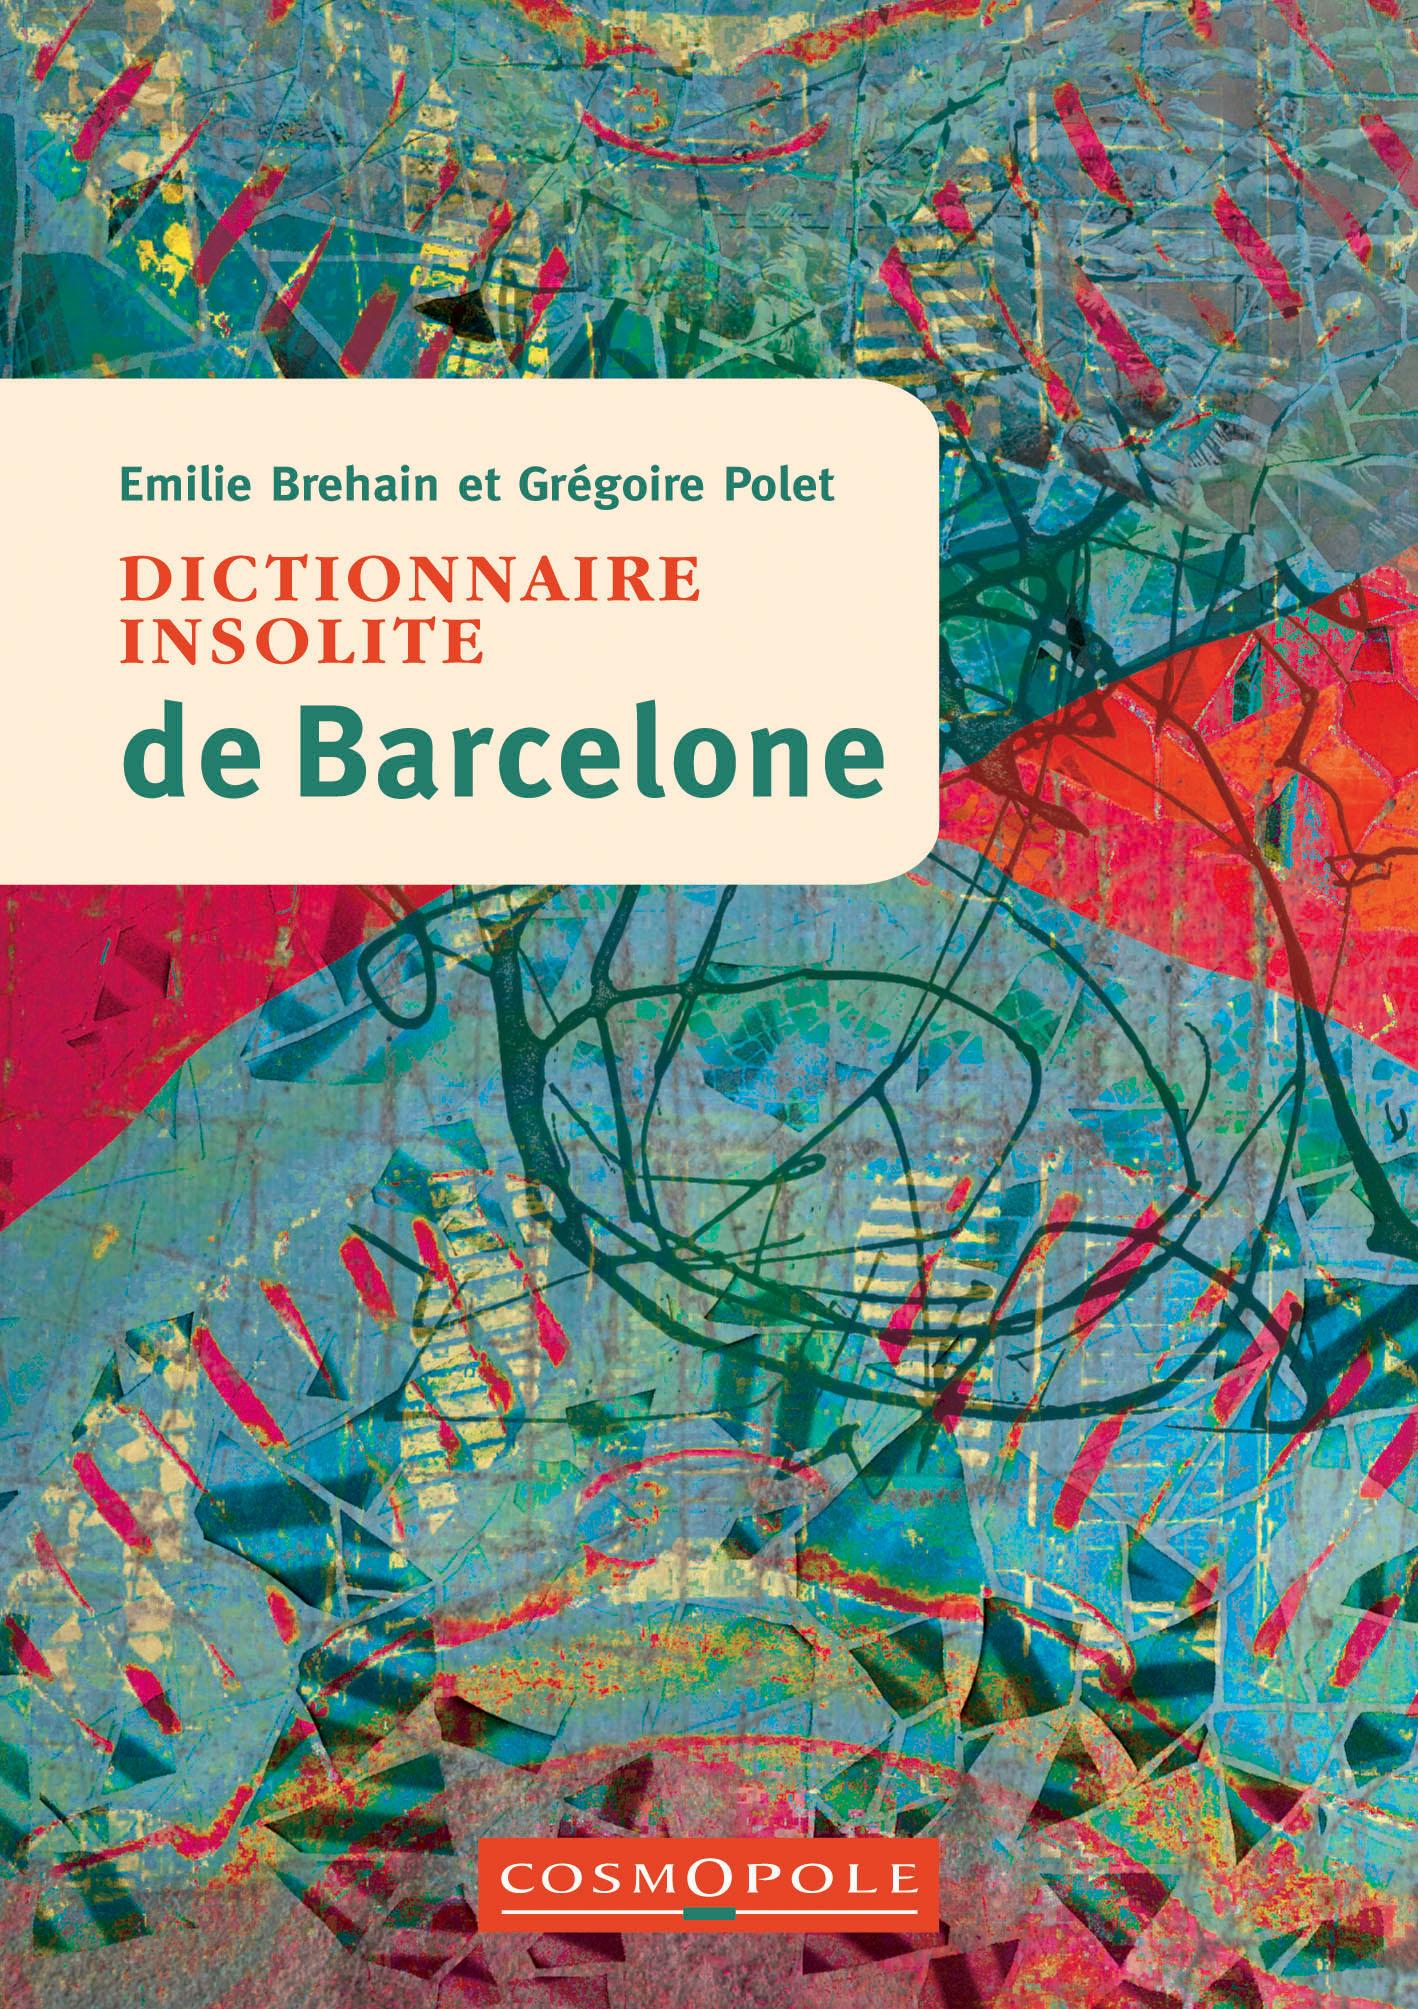 Dictionnaire insolite de barcelone editions cosmopole for Dictionnaire des architectes